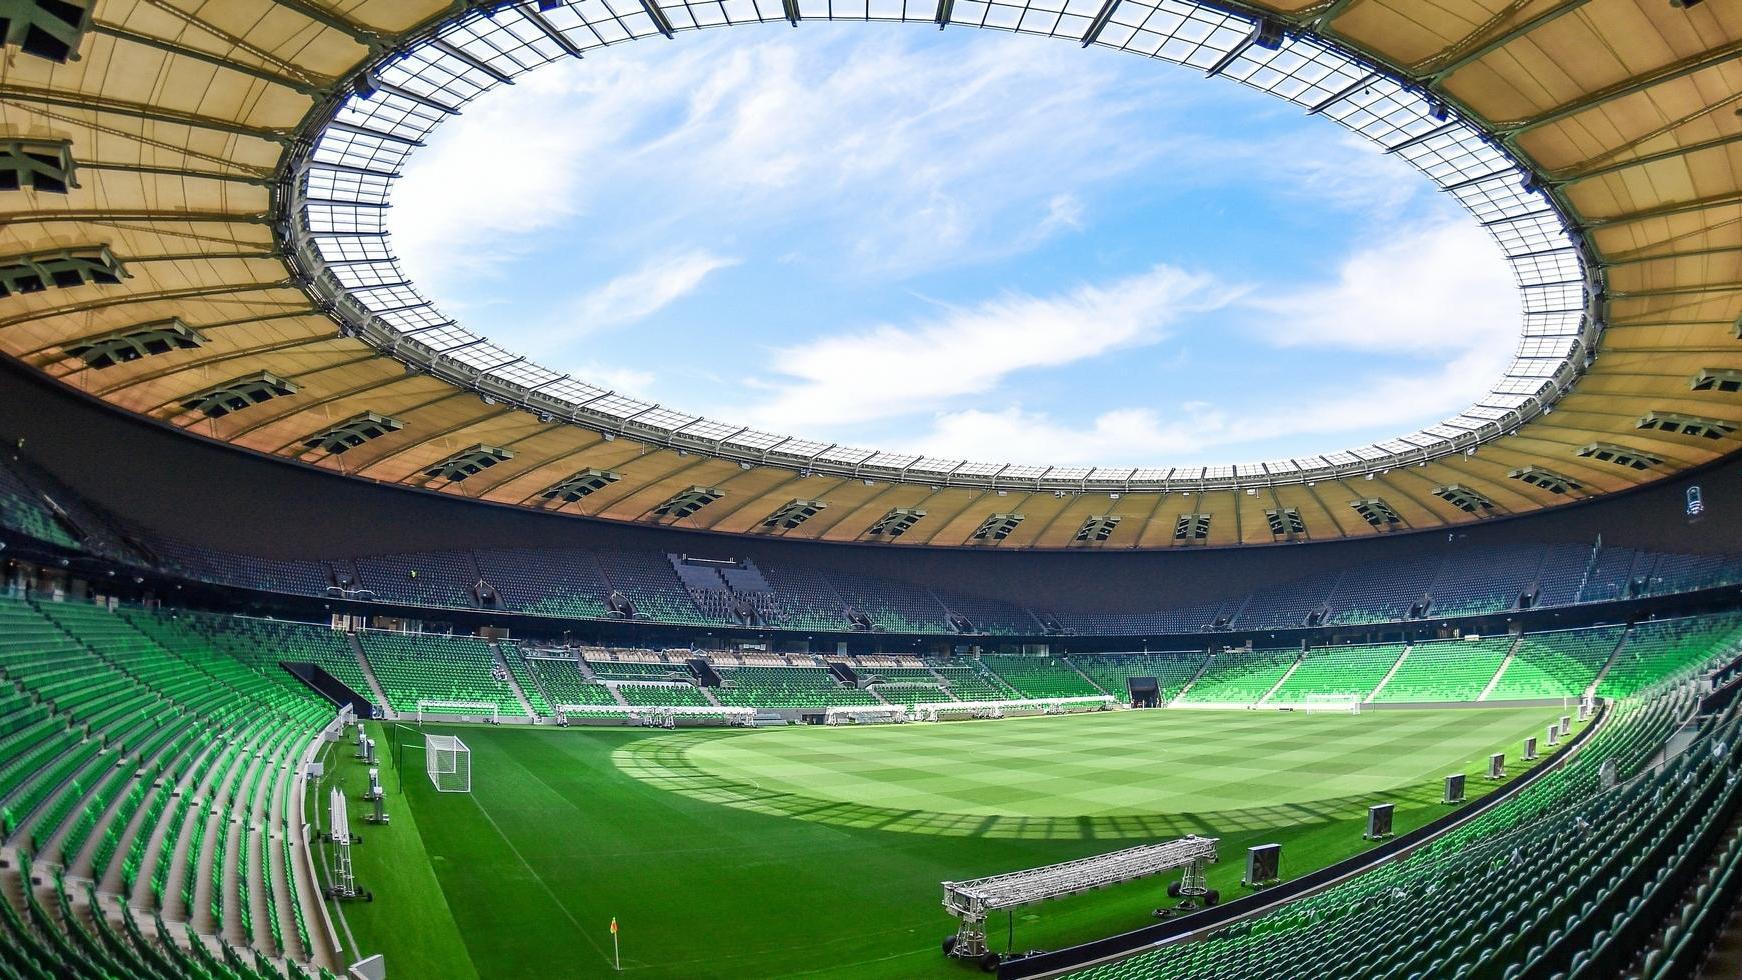 краснодар стадион фото